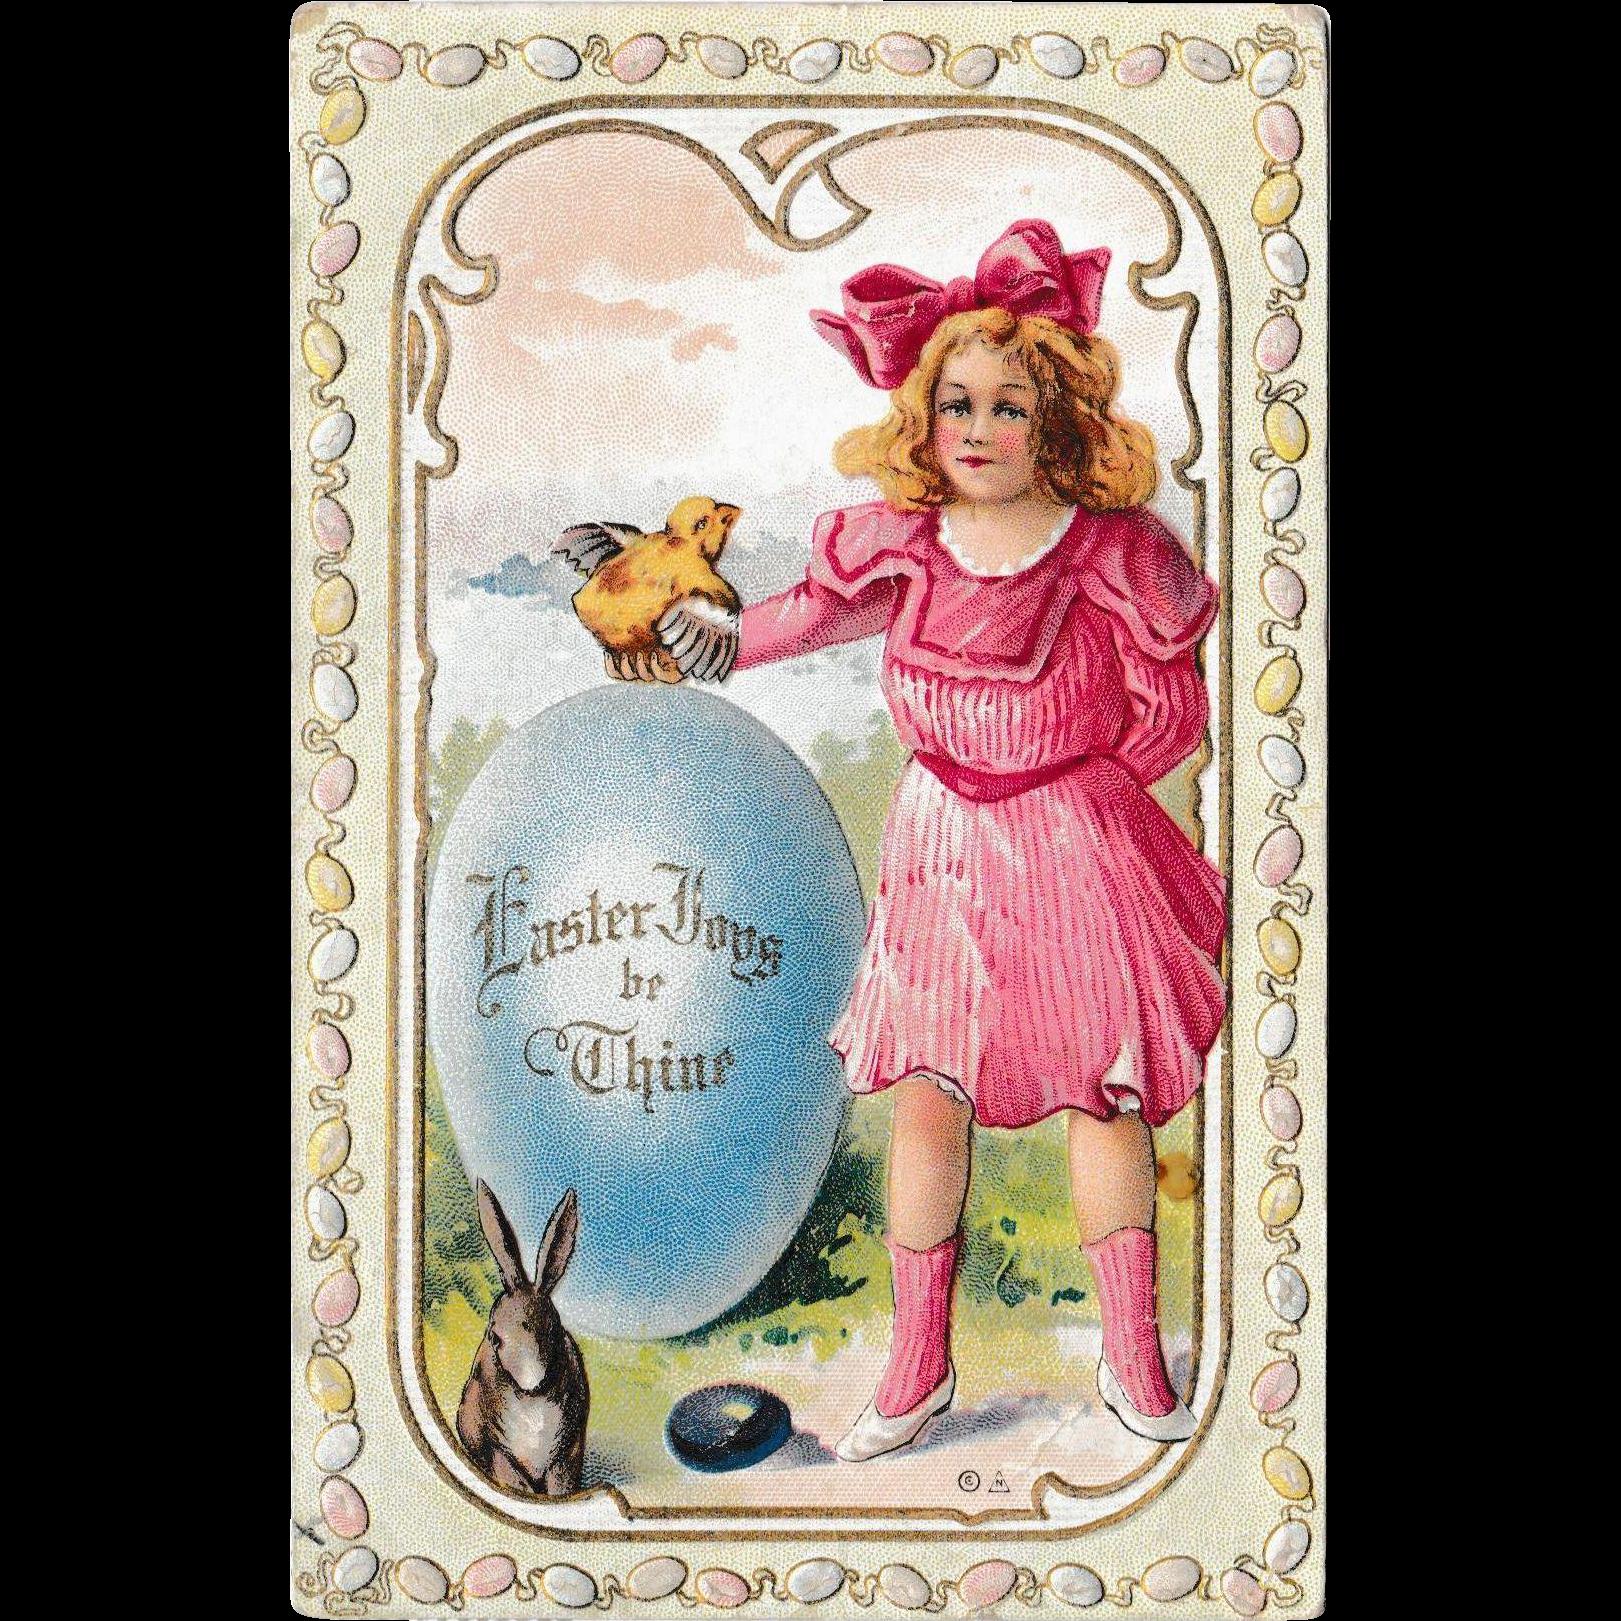 """Antique 1910 E. Nash Embossed """"Easter Joys"""" Fantasy Postcard"""